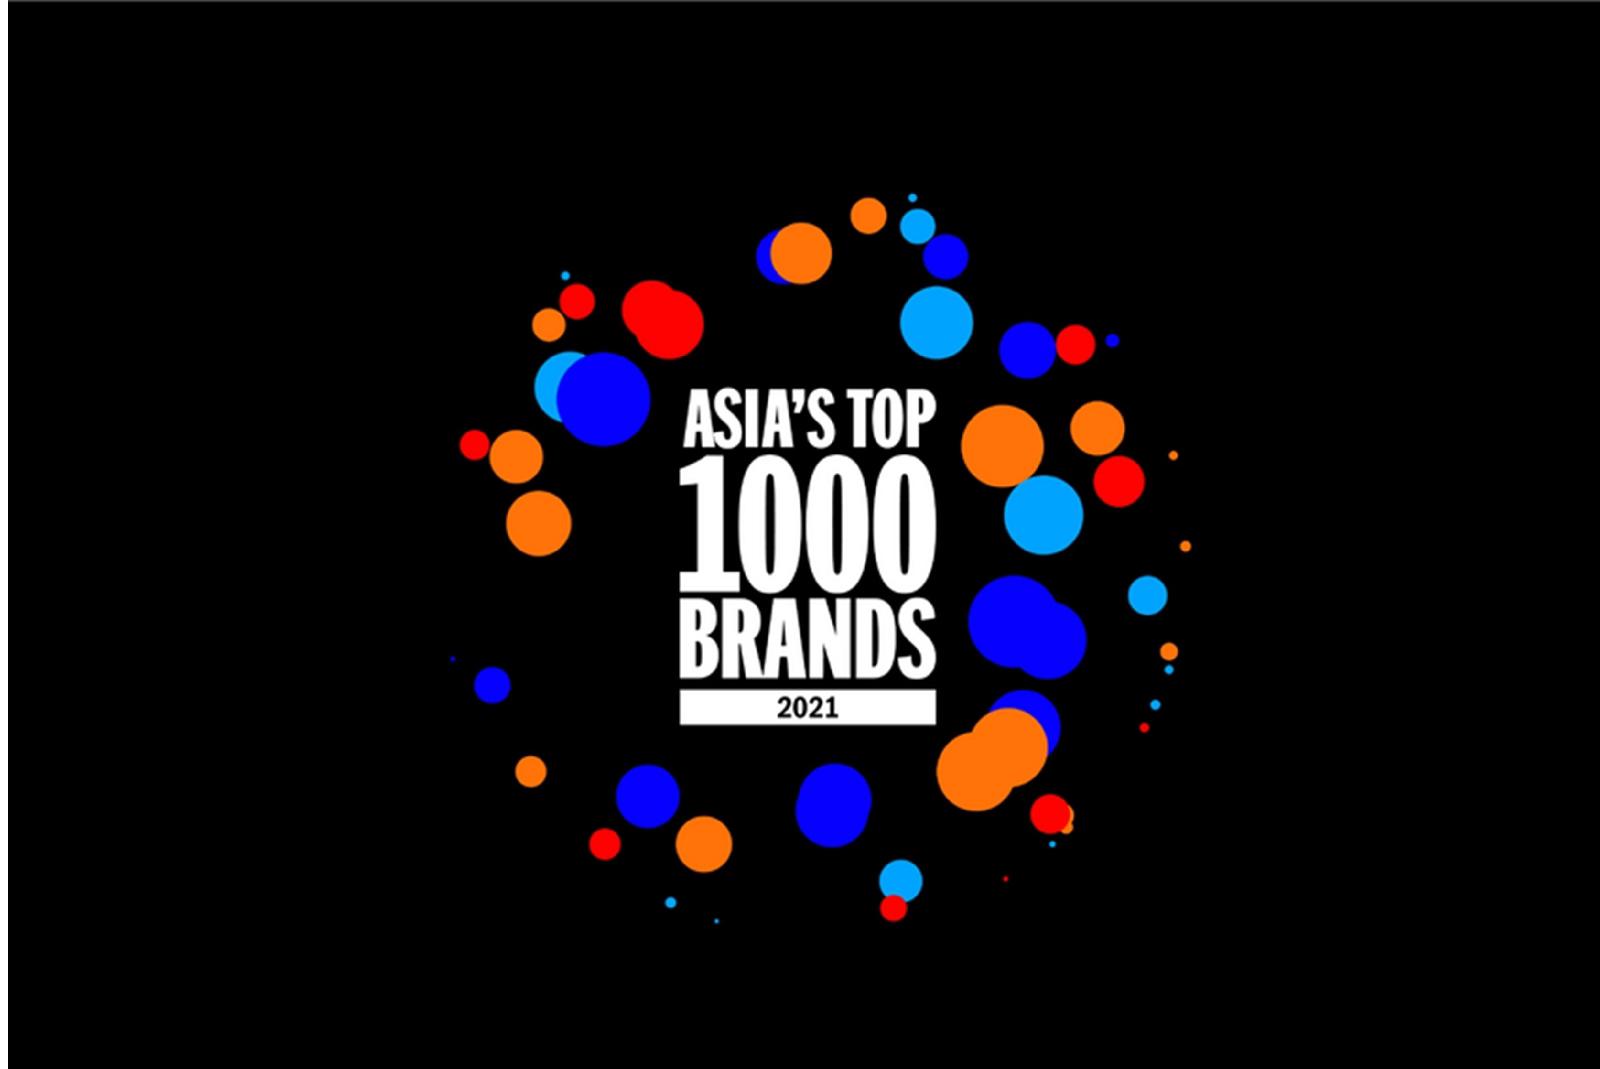 """Samsung ครองตำแหน่ง """"แบรนด์ที่ดีที่สุดในเอเชีย"""" ติดต่อกันเป็นปีที่ 10"""